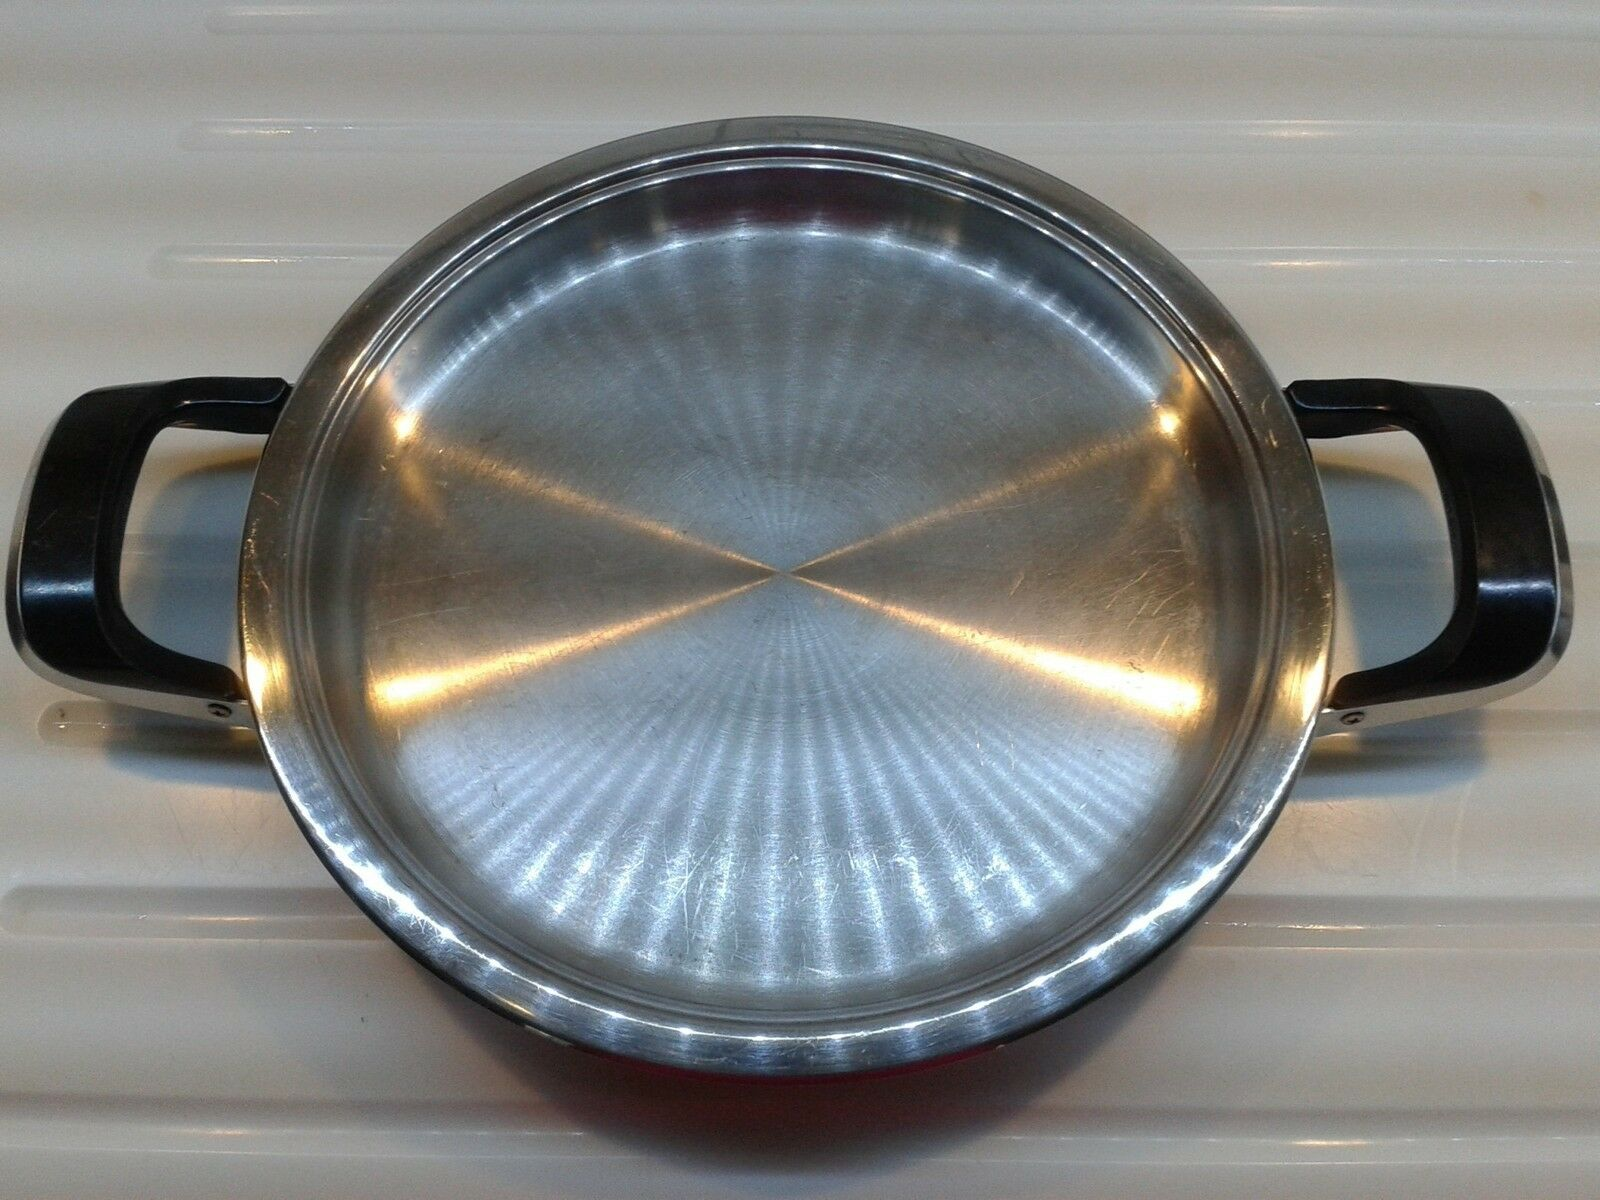 Original amc Griddle sartén olla sartén 24 cm de acero inoxidable bien cuidadas 45 (23-95)